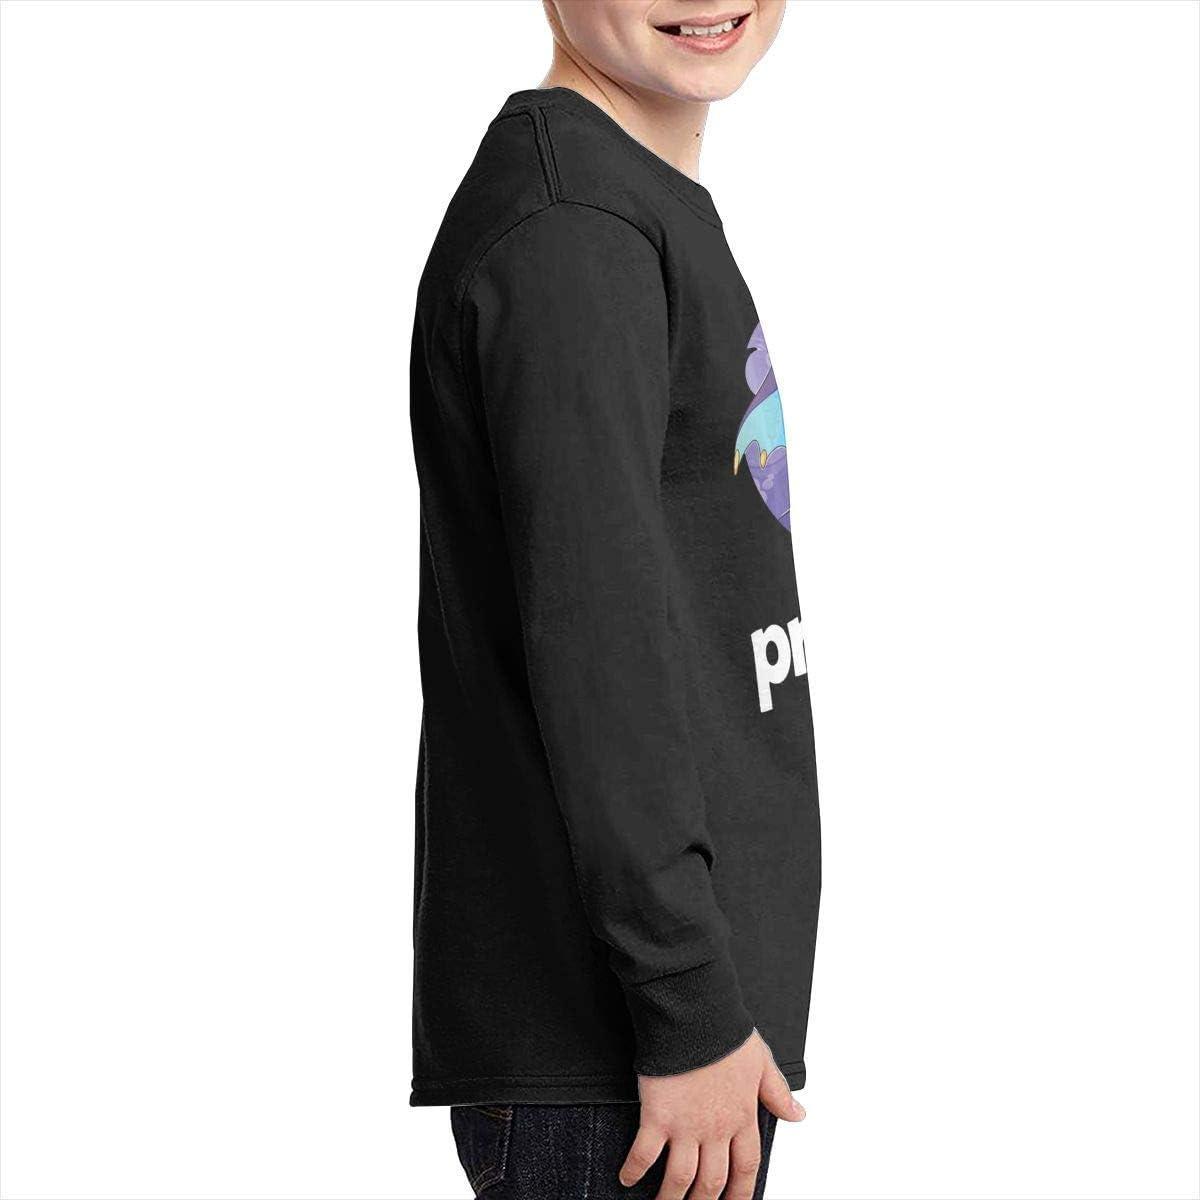 DDYJ Teen Boys Girls Prodigy-Cool Long Sleeve T-Shirt Black